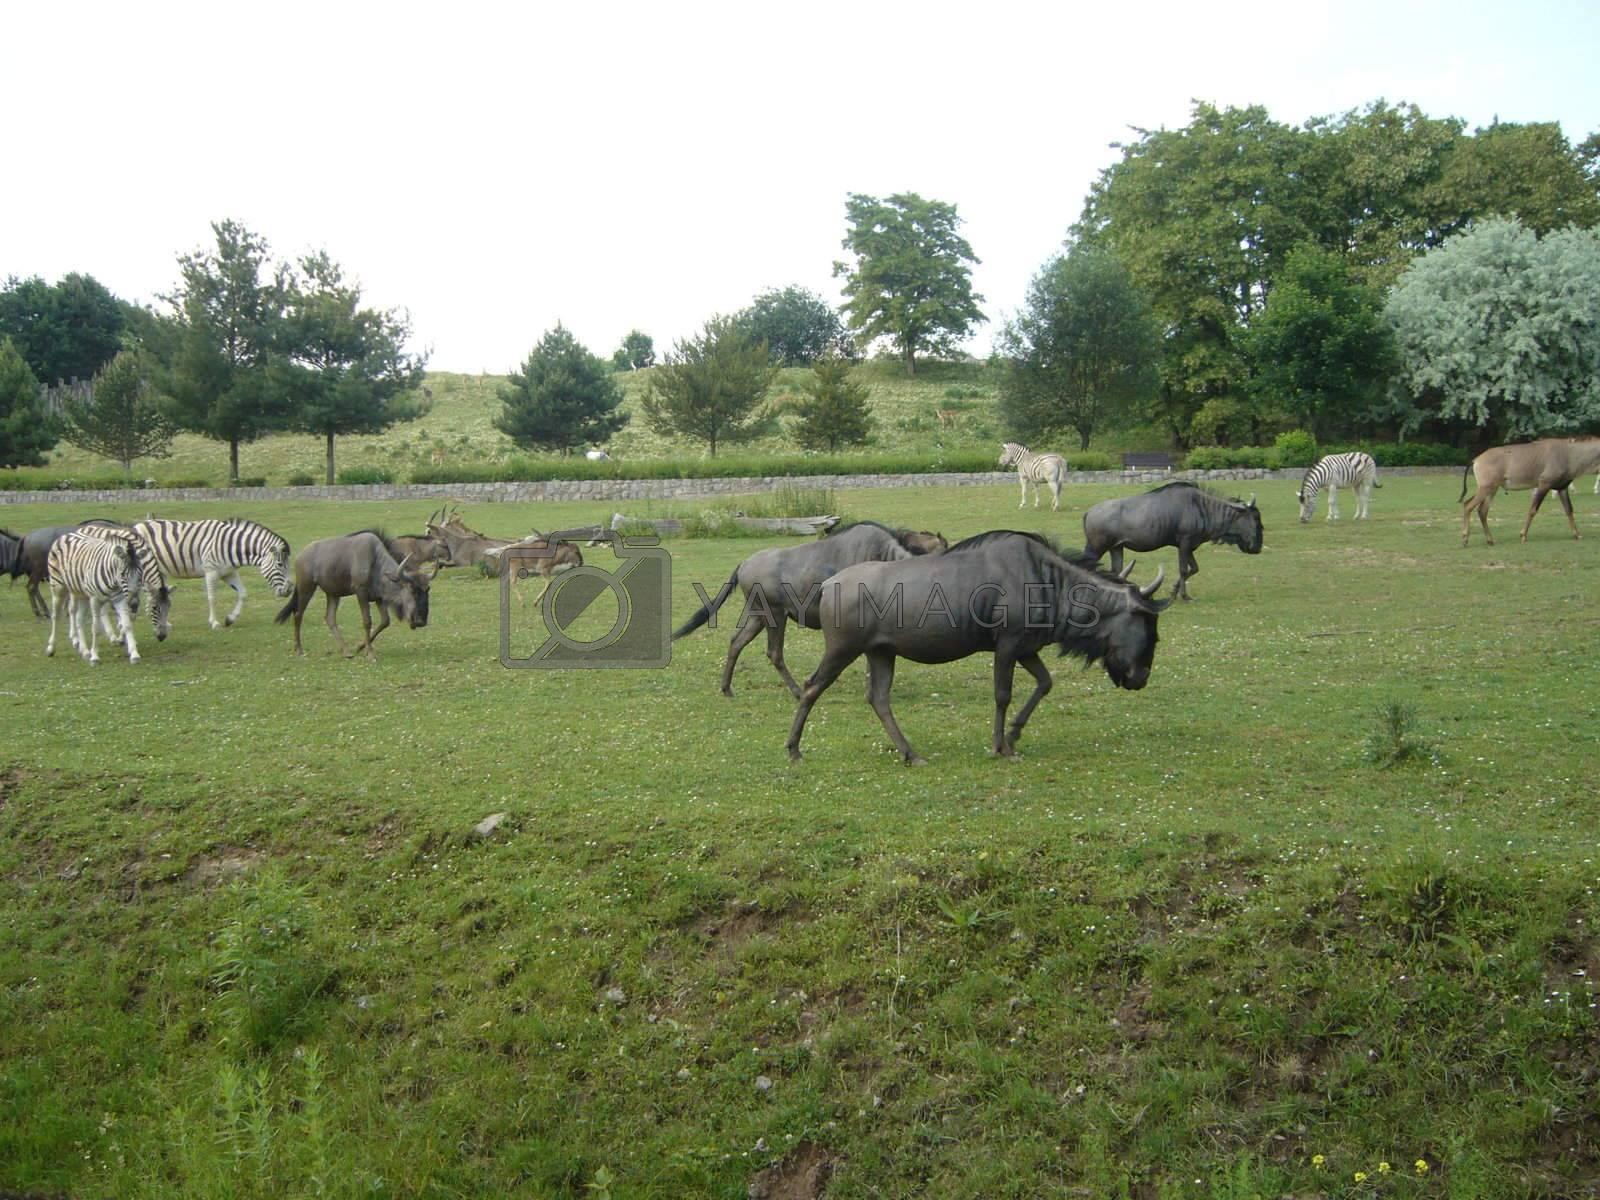 wild animals seen in zoo safari, like in africa